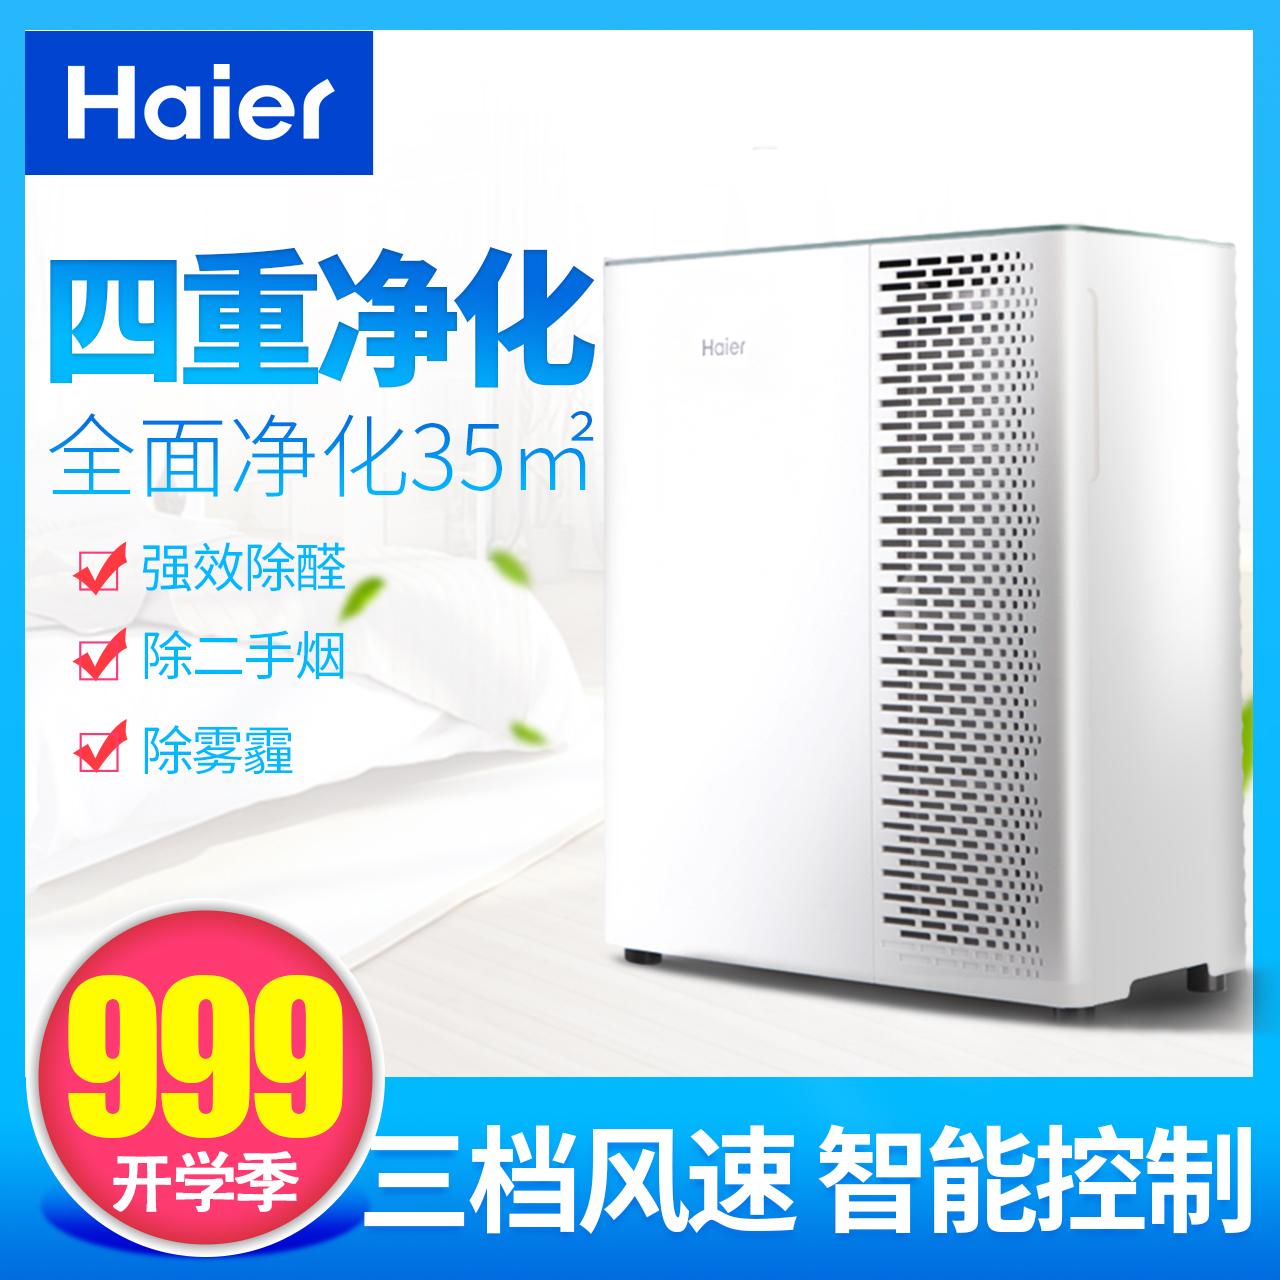 海尔母婴卧室客厅空气净化器家用氧吧除甲醛除雾霾PM2.5二手烟